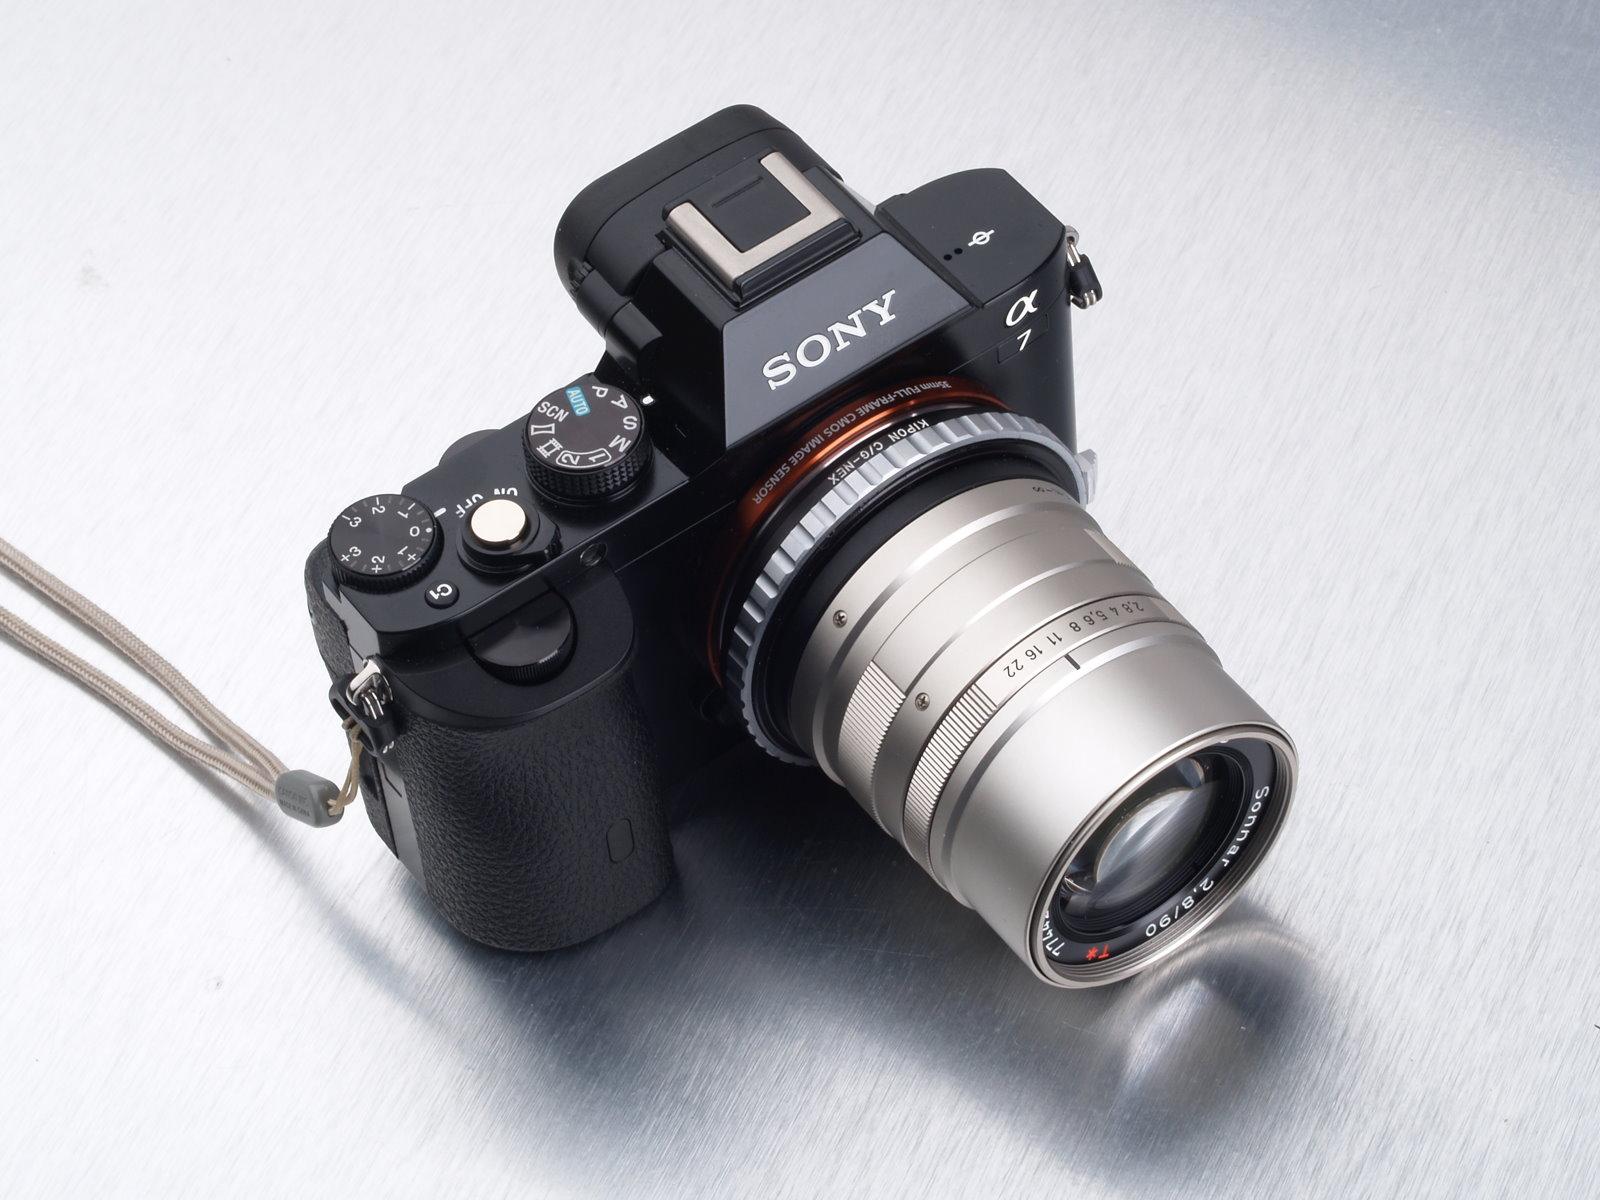 sony 索尼 α7 全画幅微型可换镜头数码相机测评报告